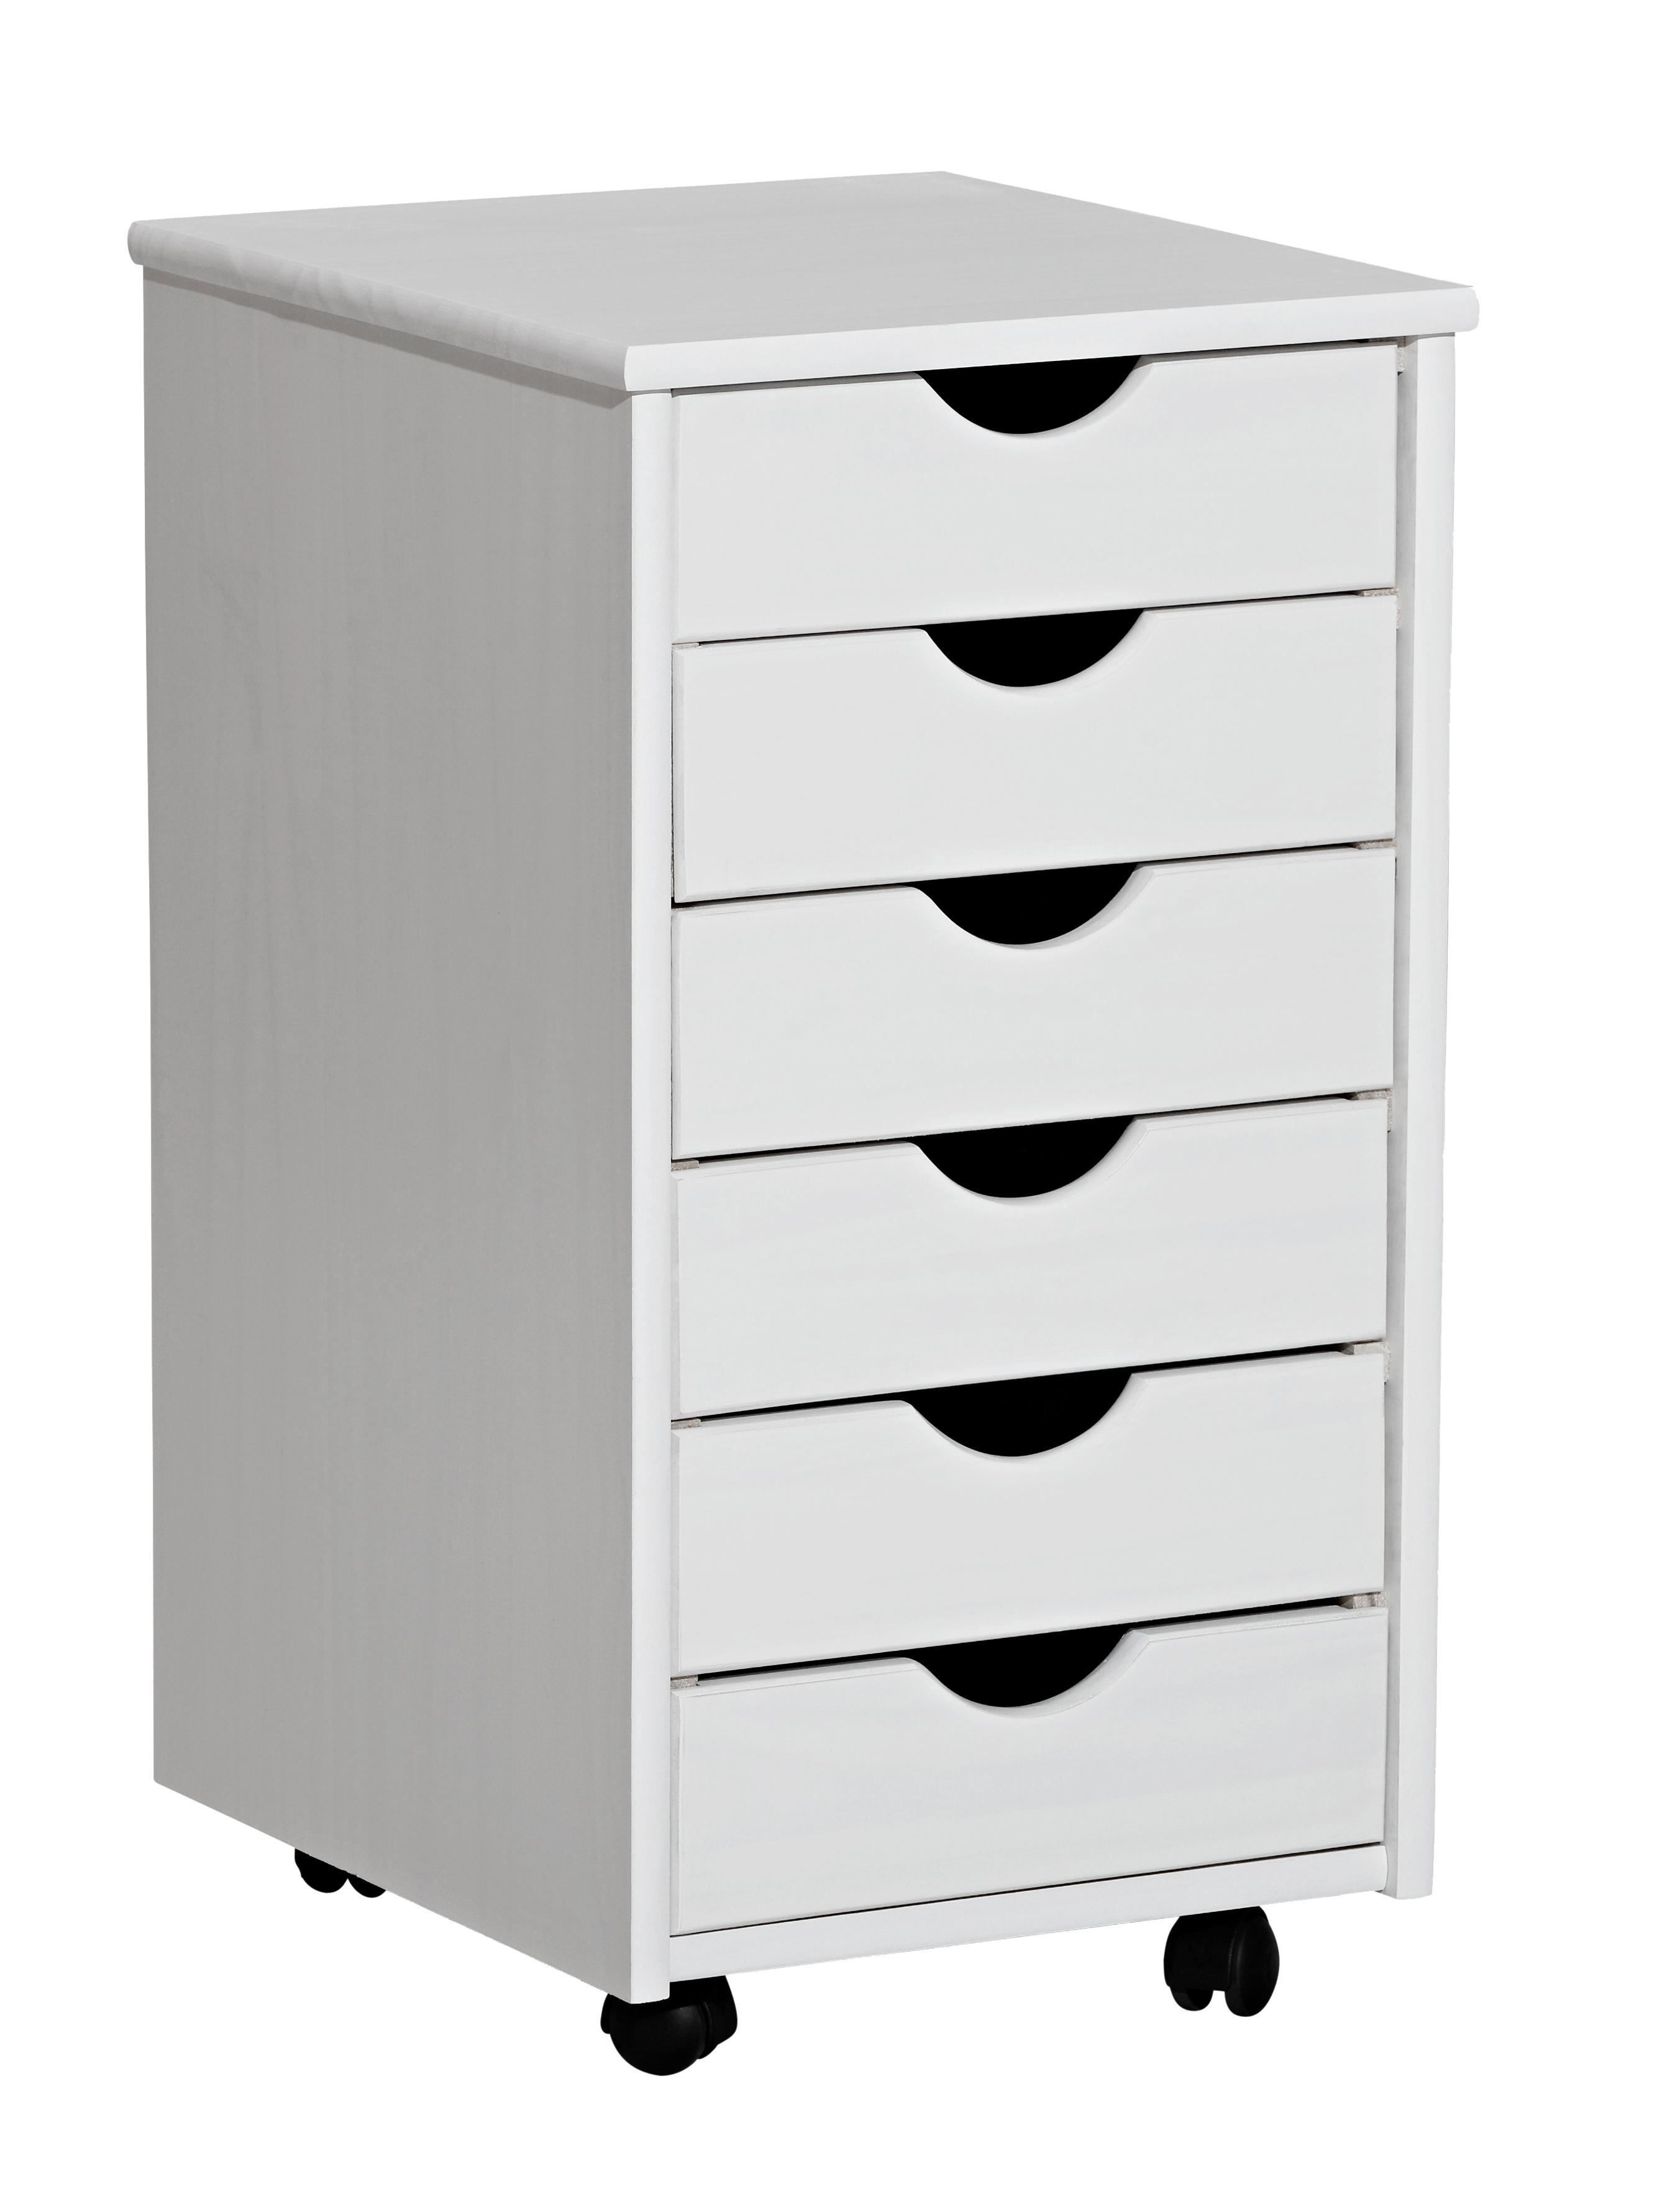 Antia Rollcontainer mit 6 Schubkästen Kiefer Weiß